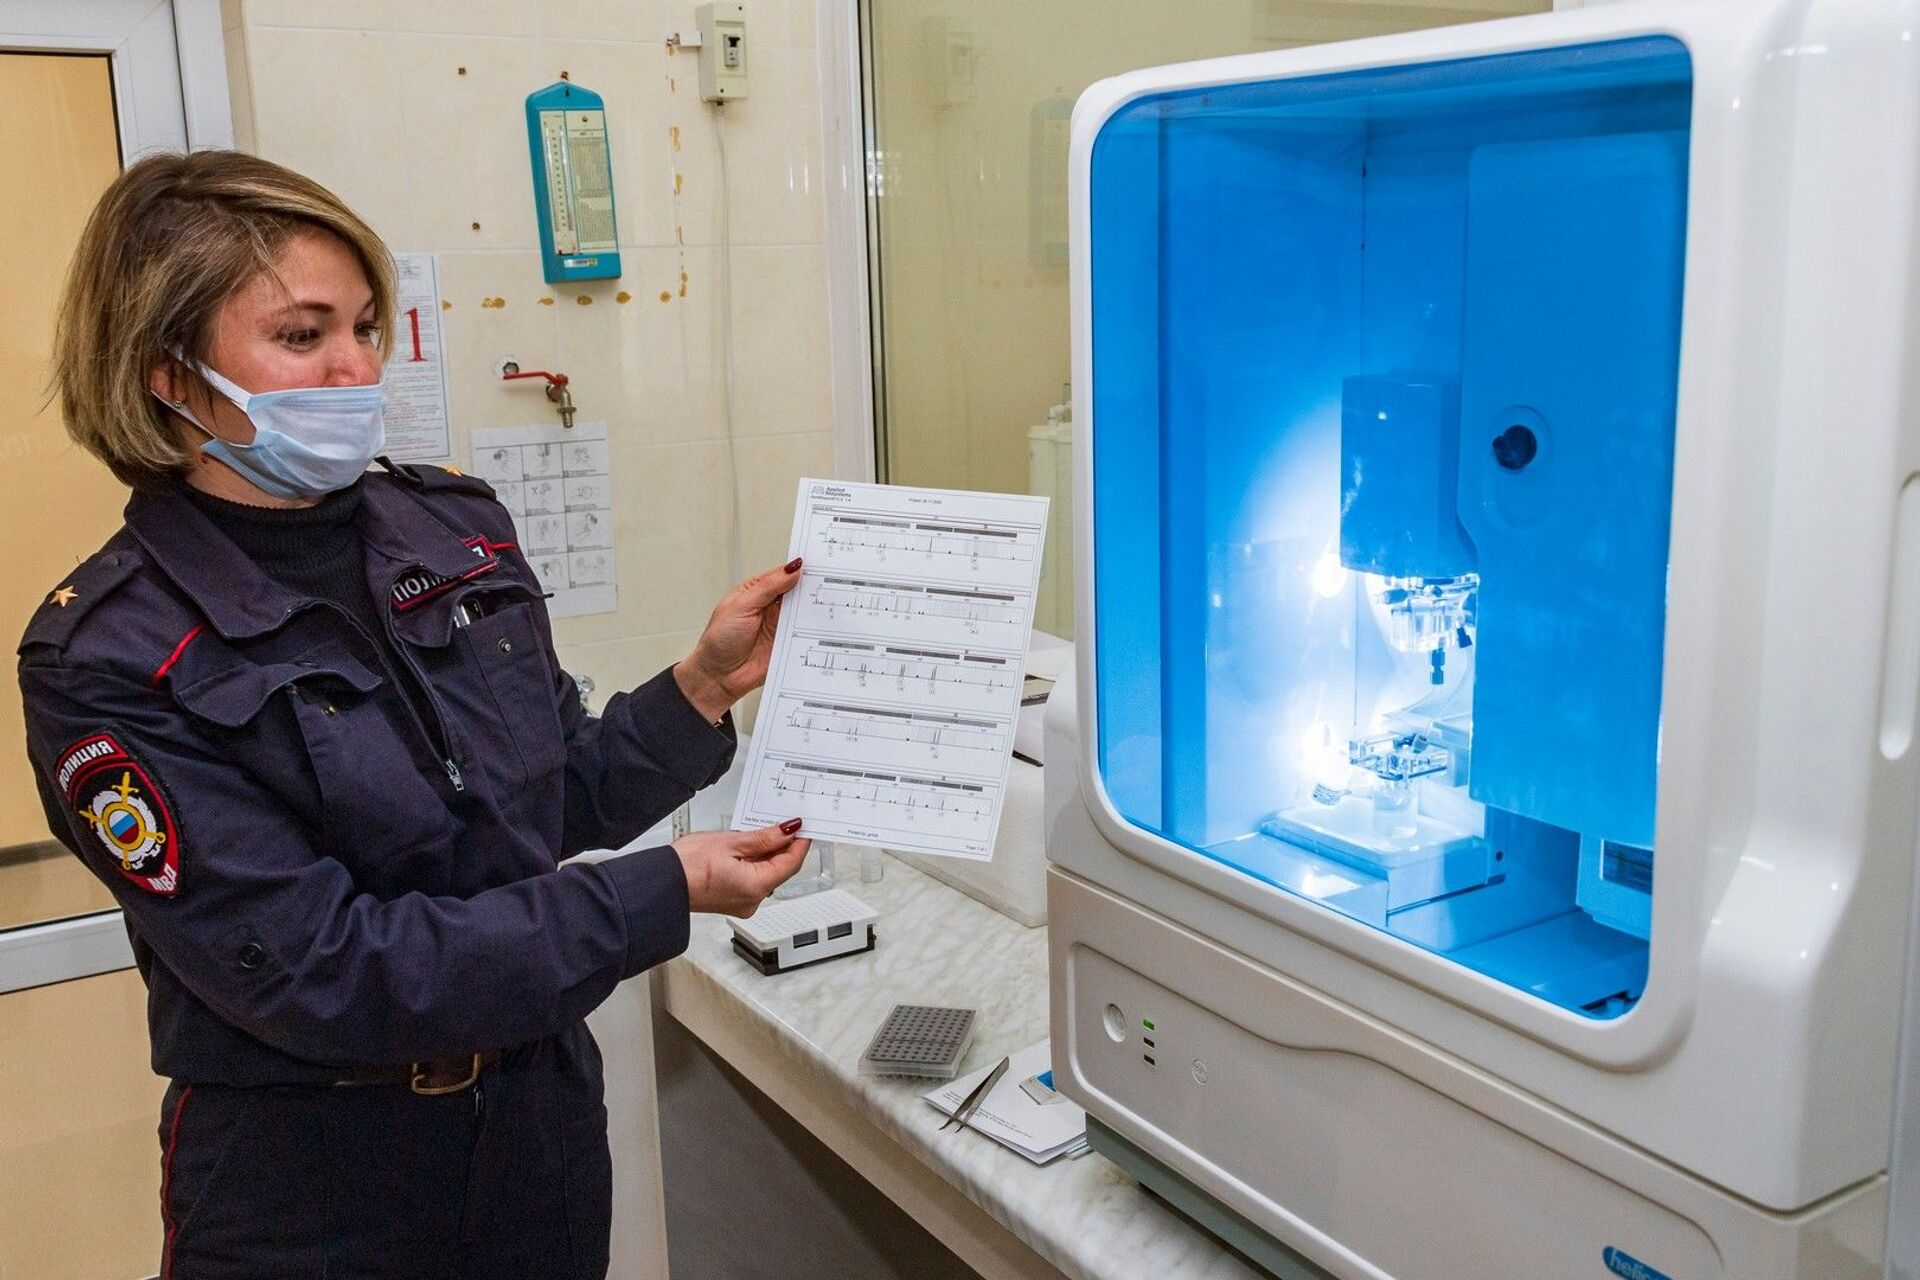 Пули, деньги, микроскопы: как на самом деле работают криминалисты - РИА Новости, 1920, 01.03.2021